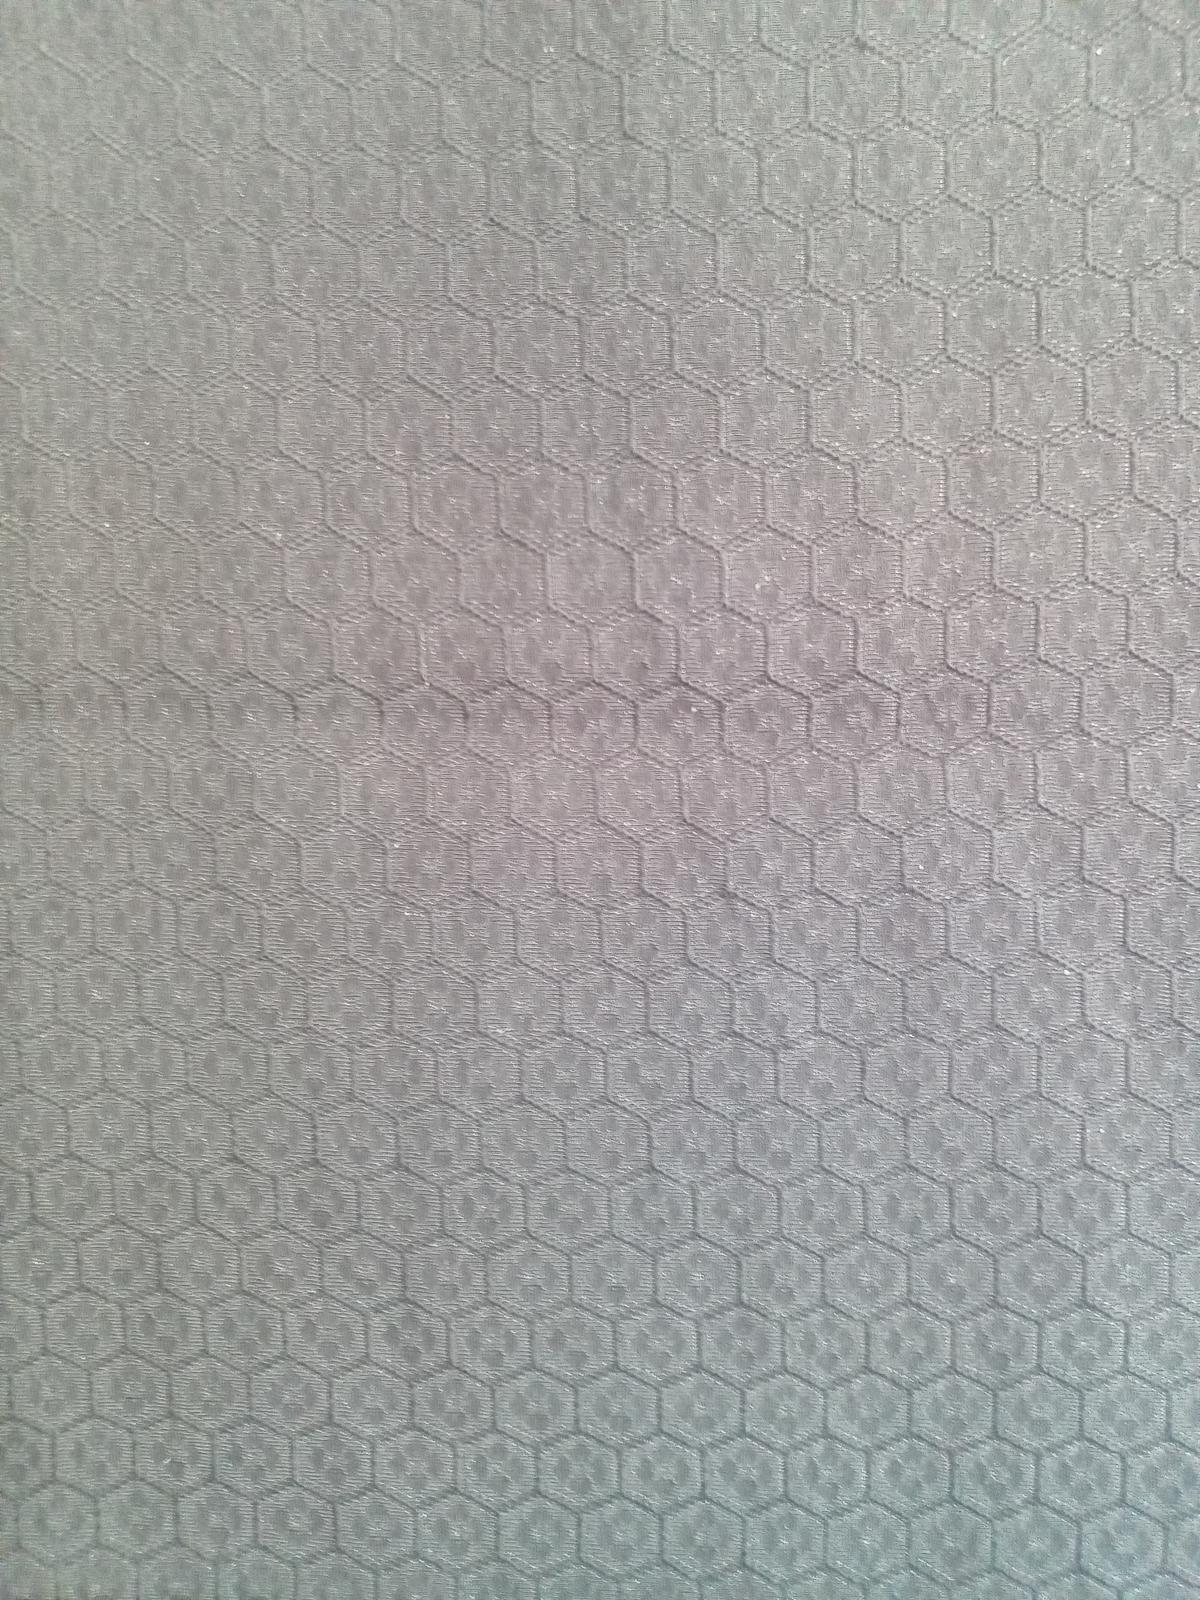 f:id:uribouwataru:20210909113006j:plain